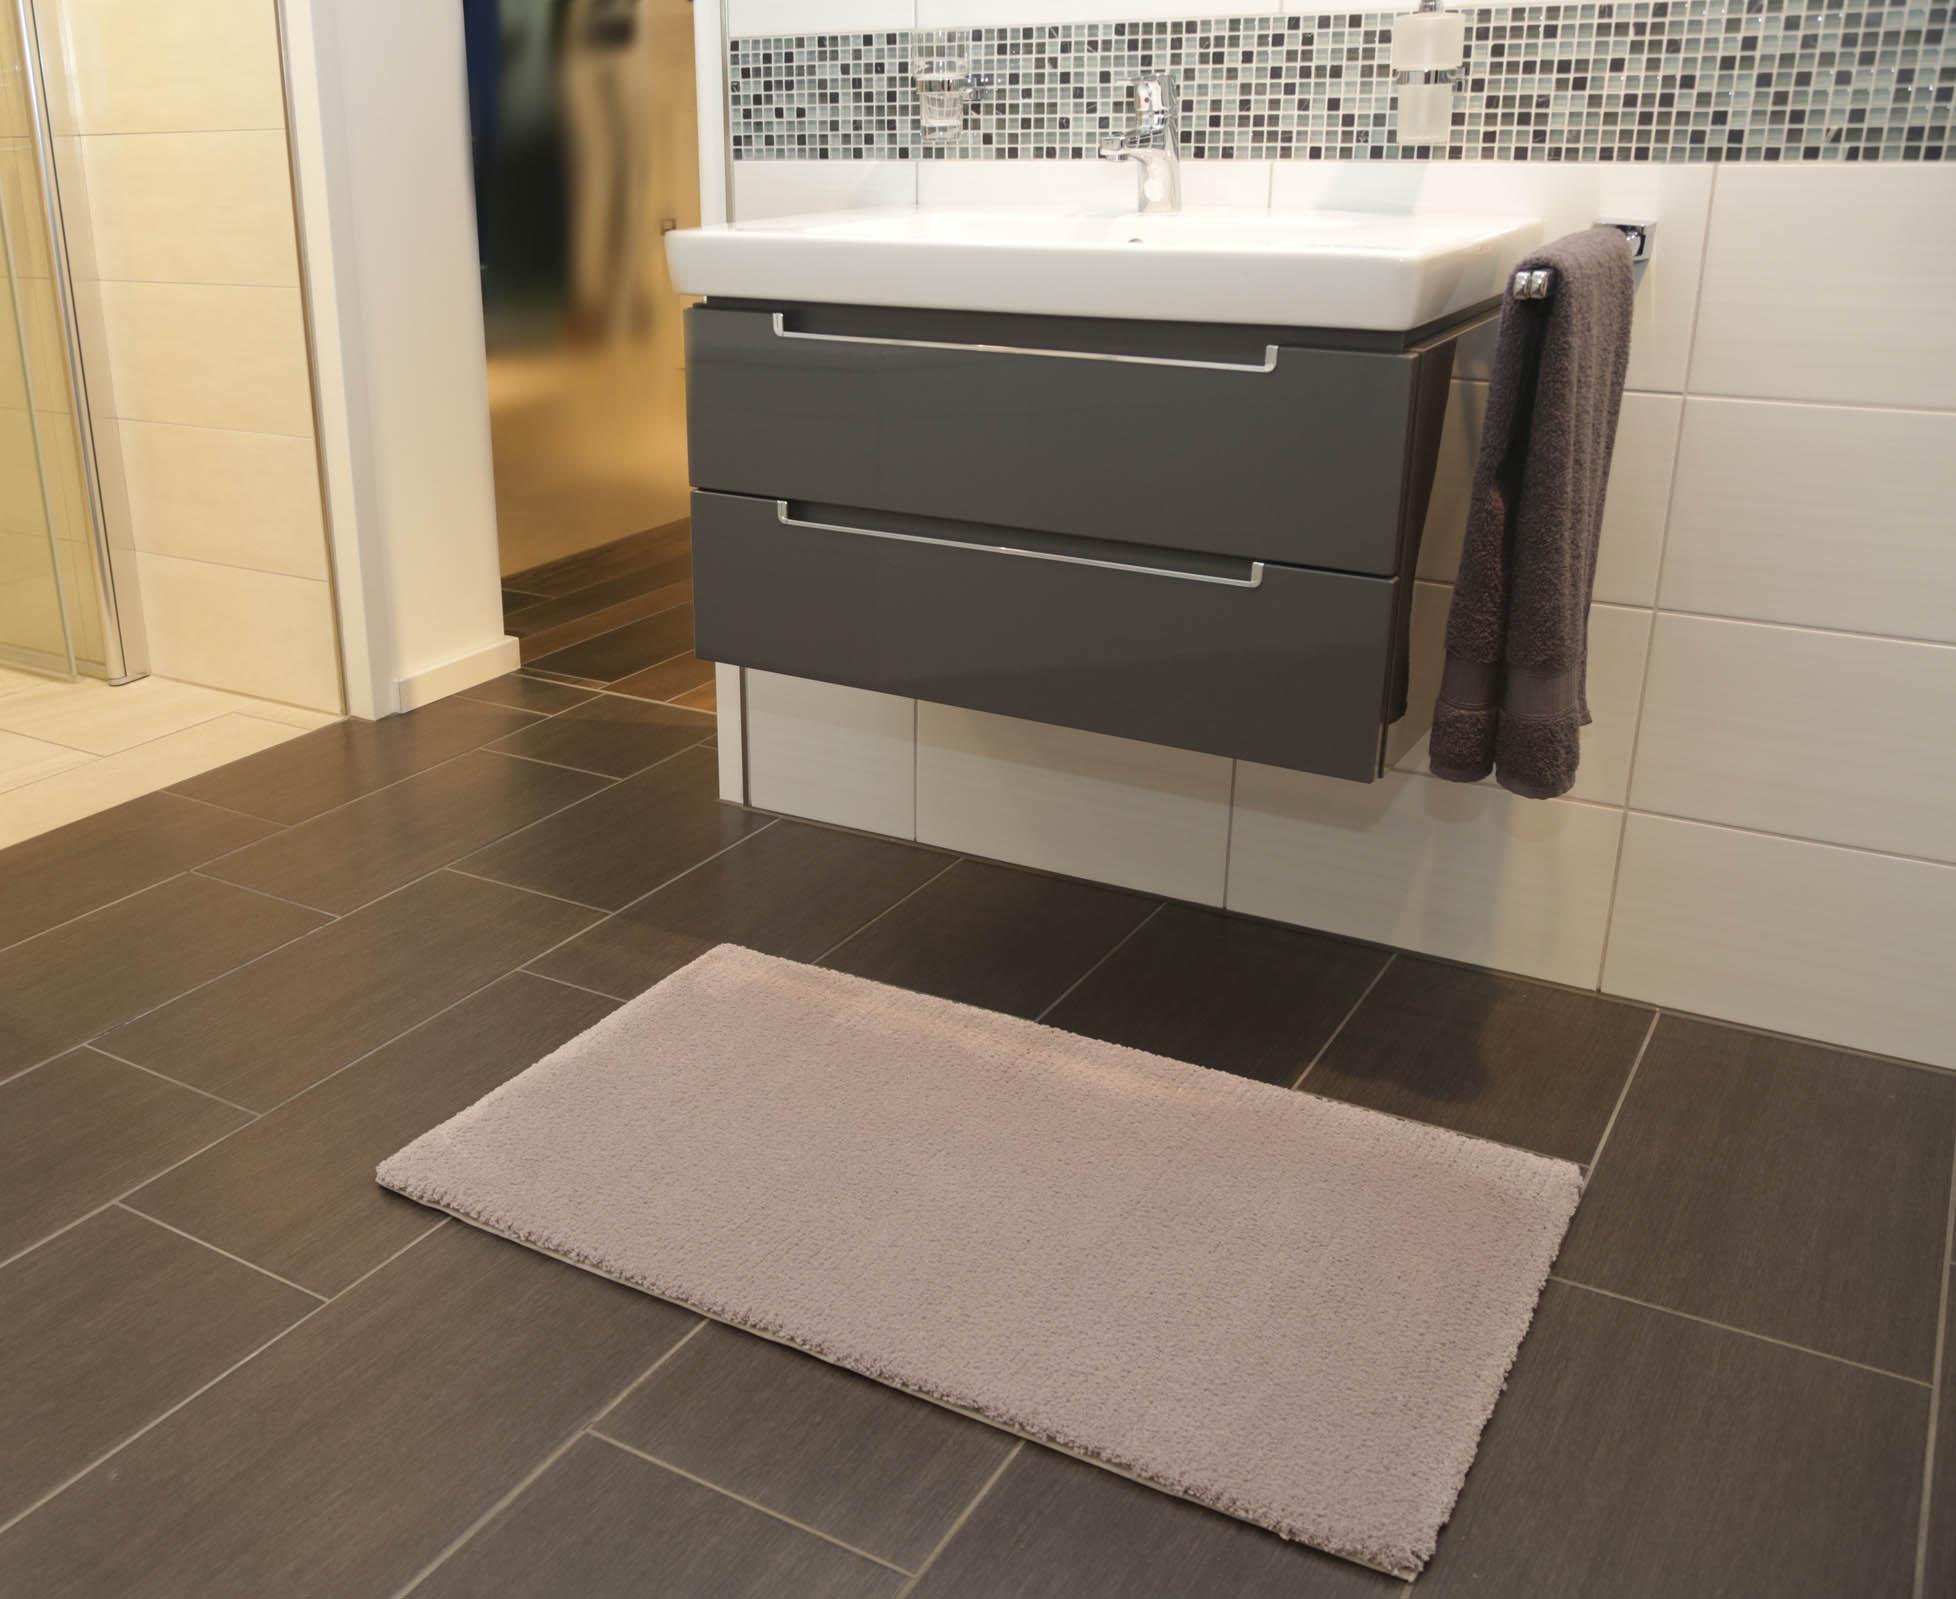 Beispiel Badteppich MODENA (Baumwolle mit Rückenbeschichtung), Form A1 Eckig, Velours uni, Florhöhe 20mm